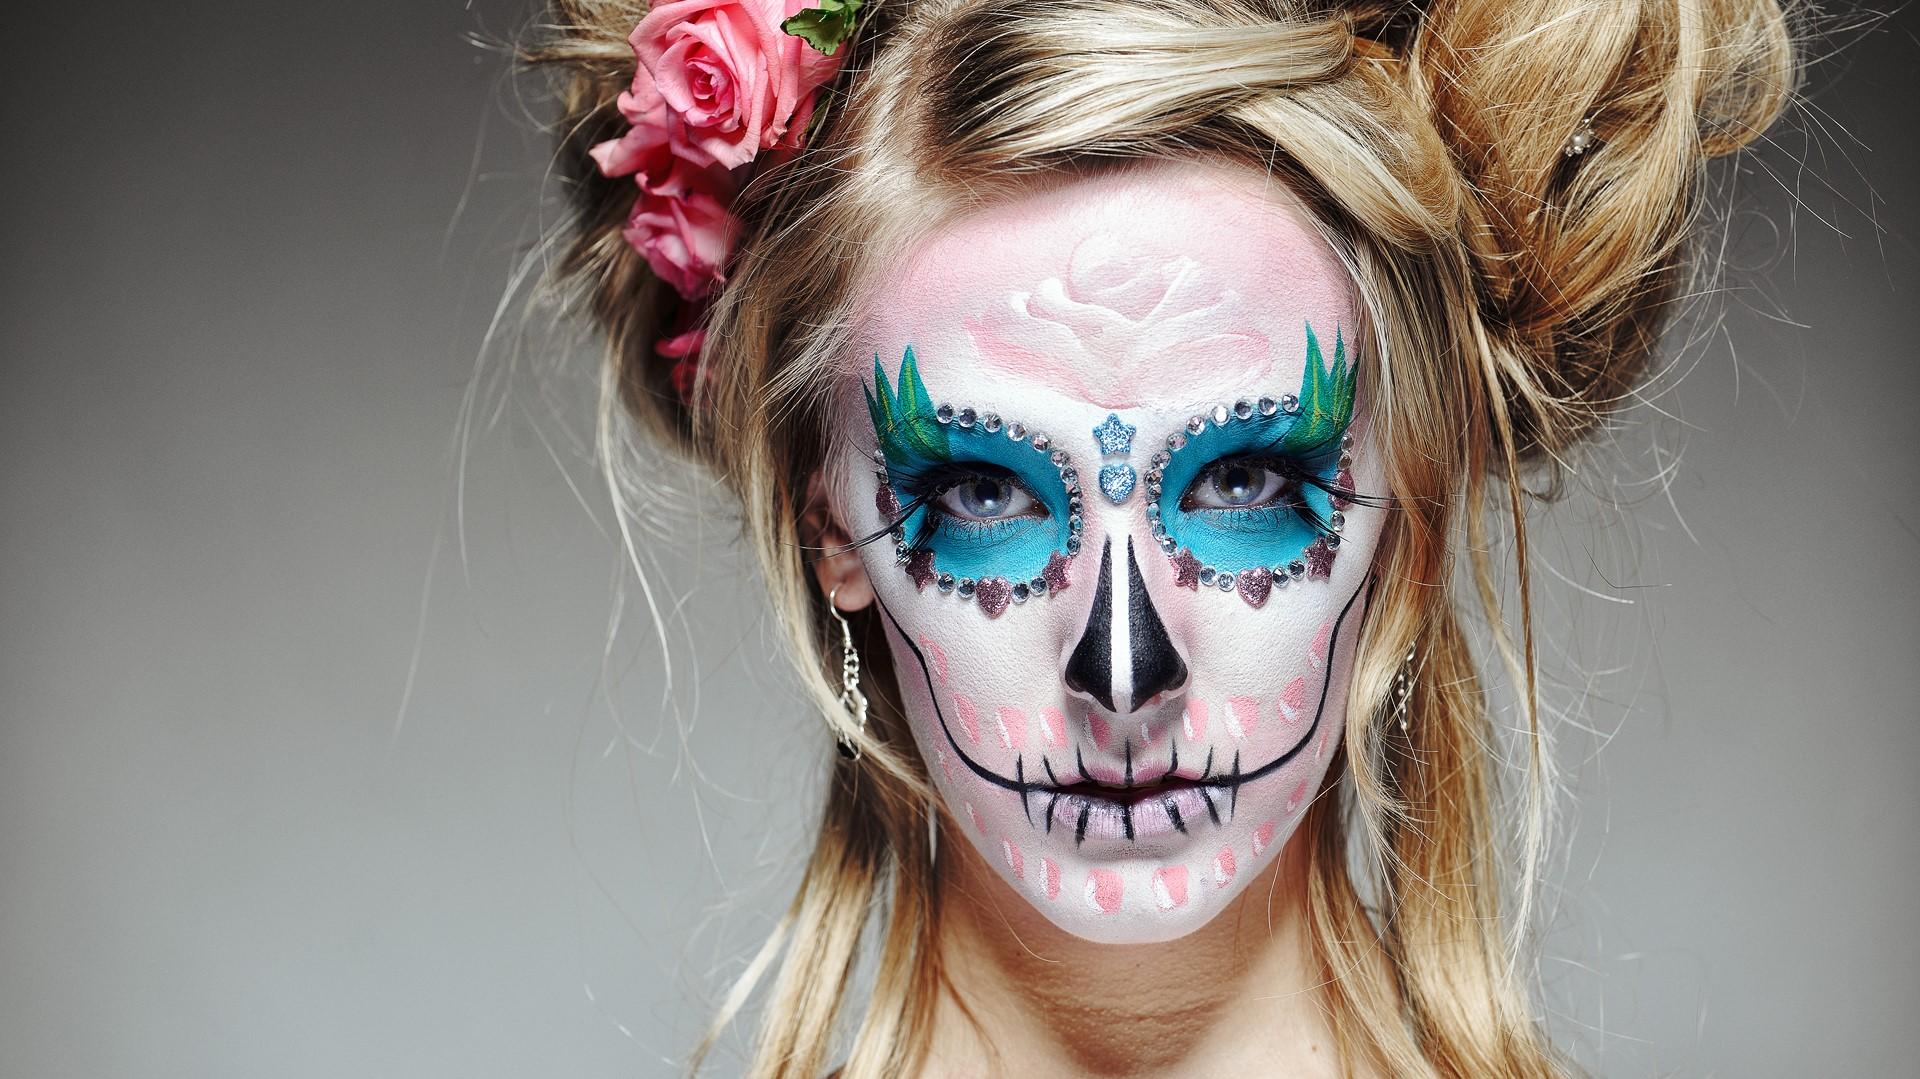 L'artiste voulait se moquer des Mexicains indigènes qui imitaient le style européen.